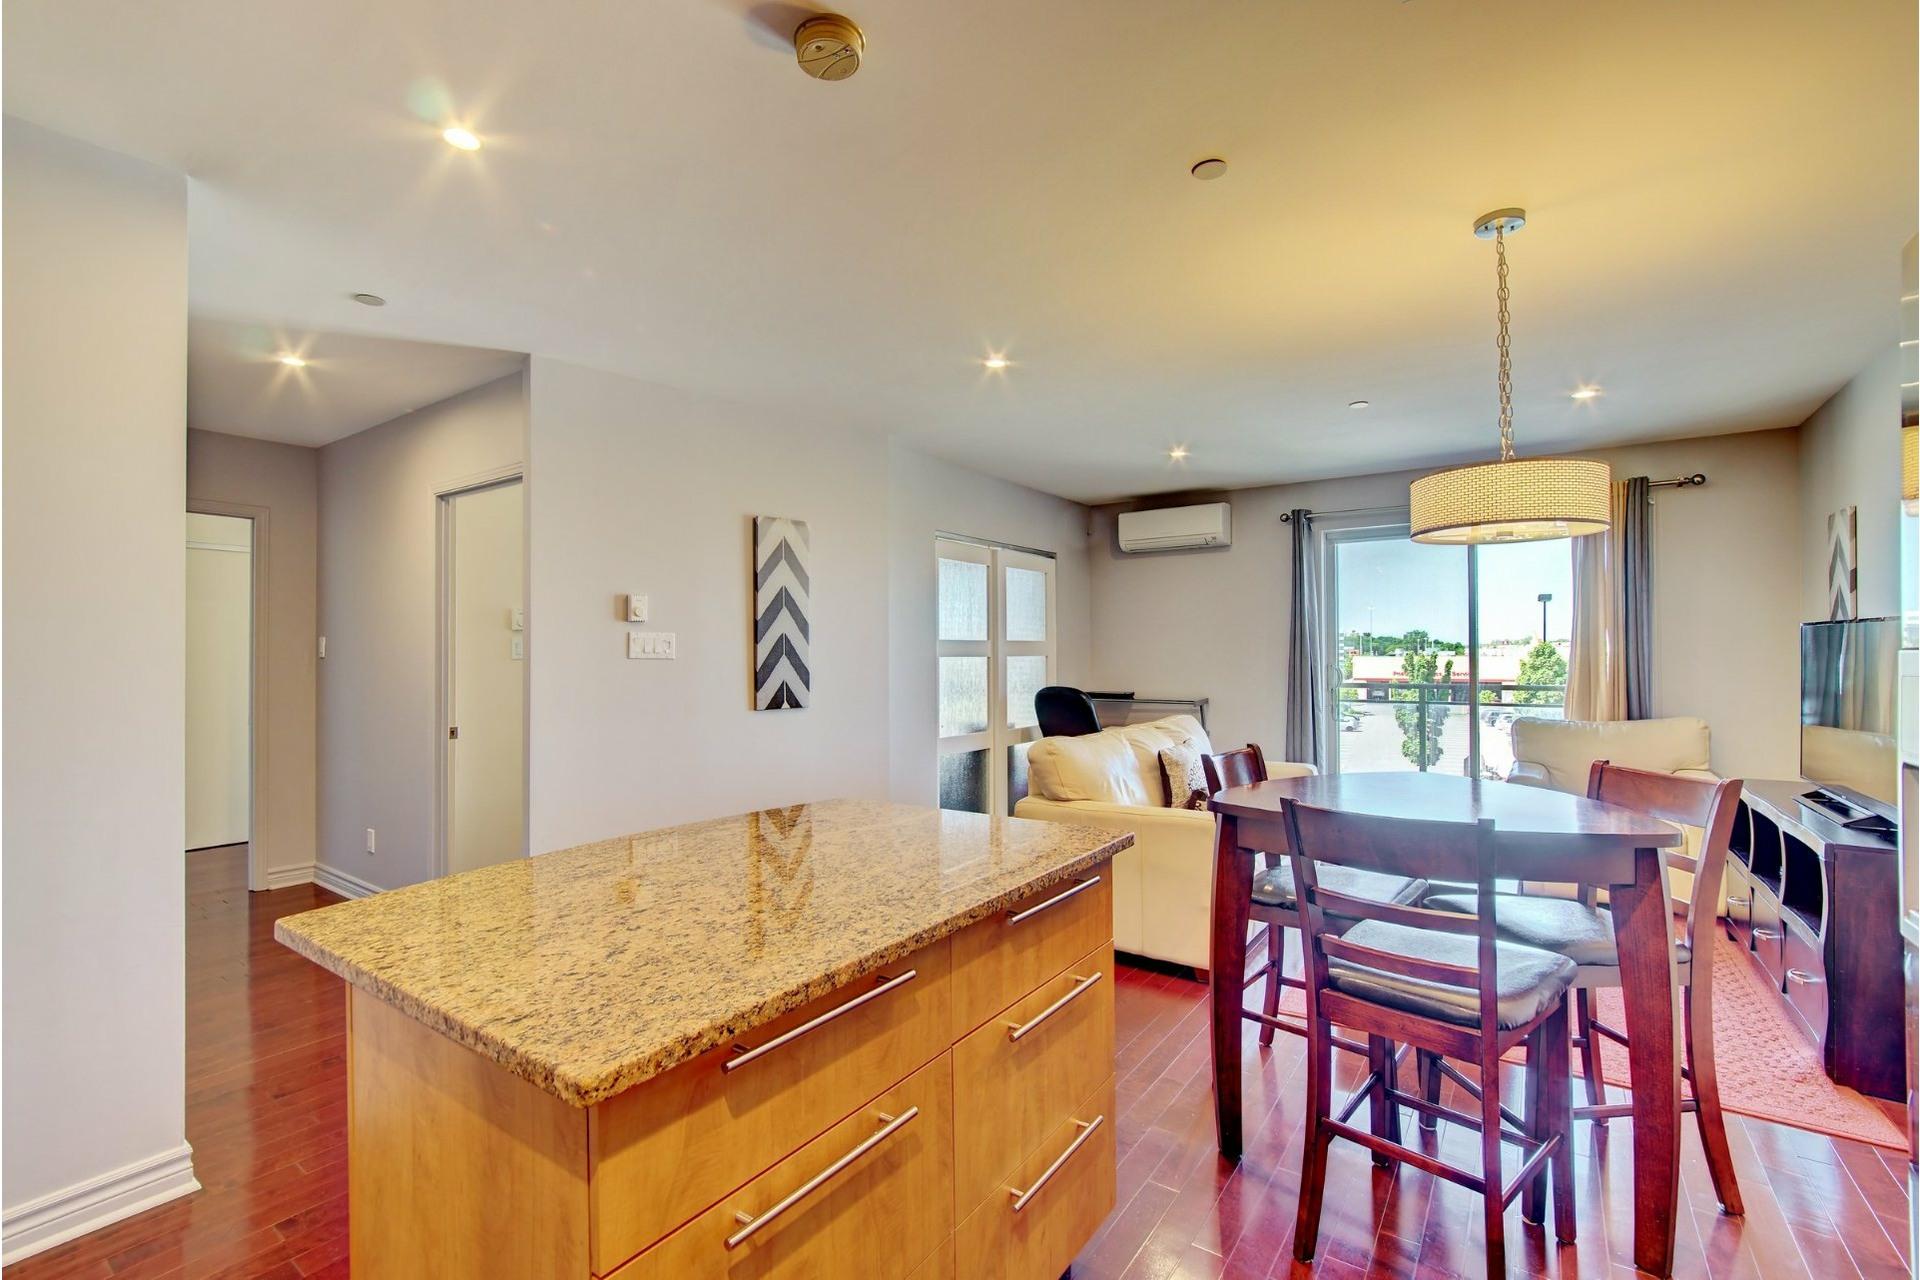 image 6 - Apartment For rent Laval-des-Rapides Laval  - 5 rooms